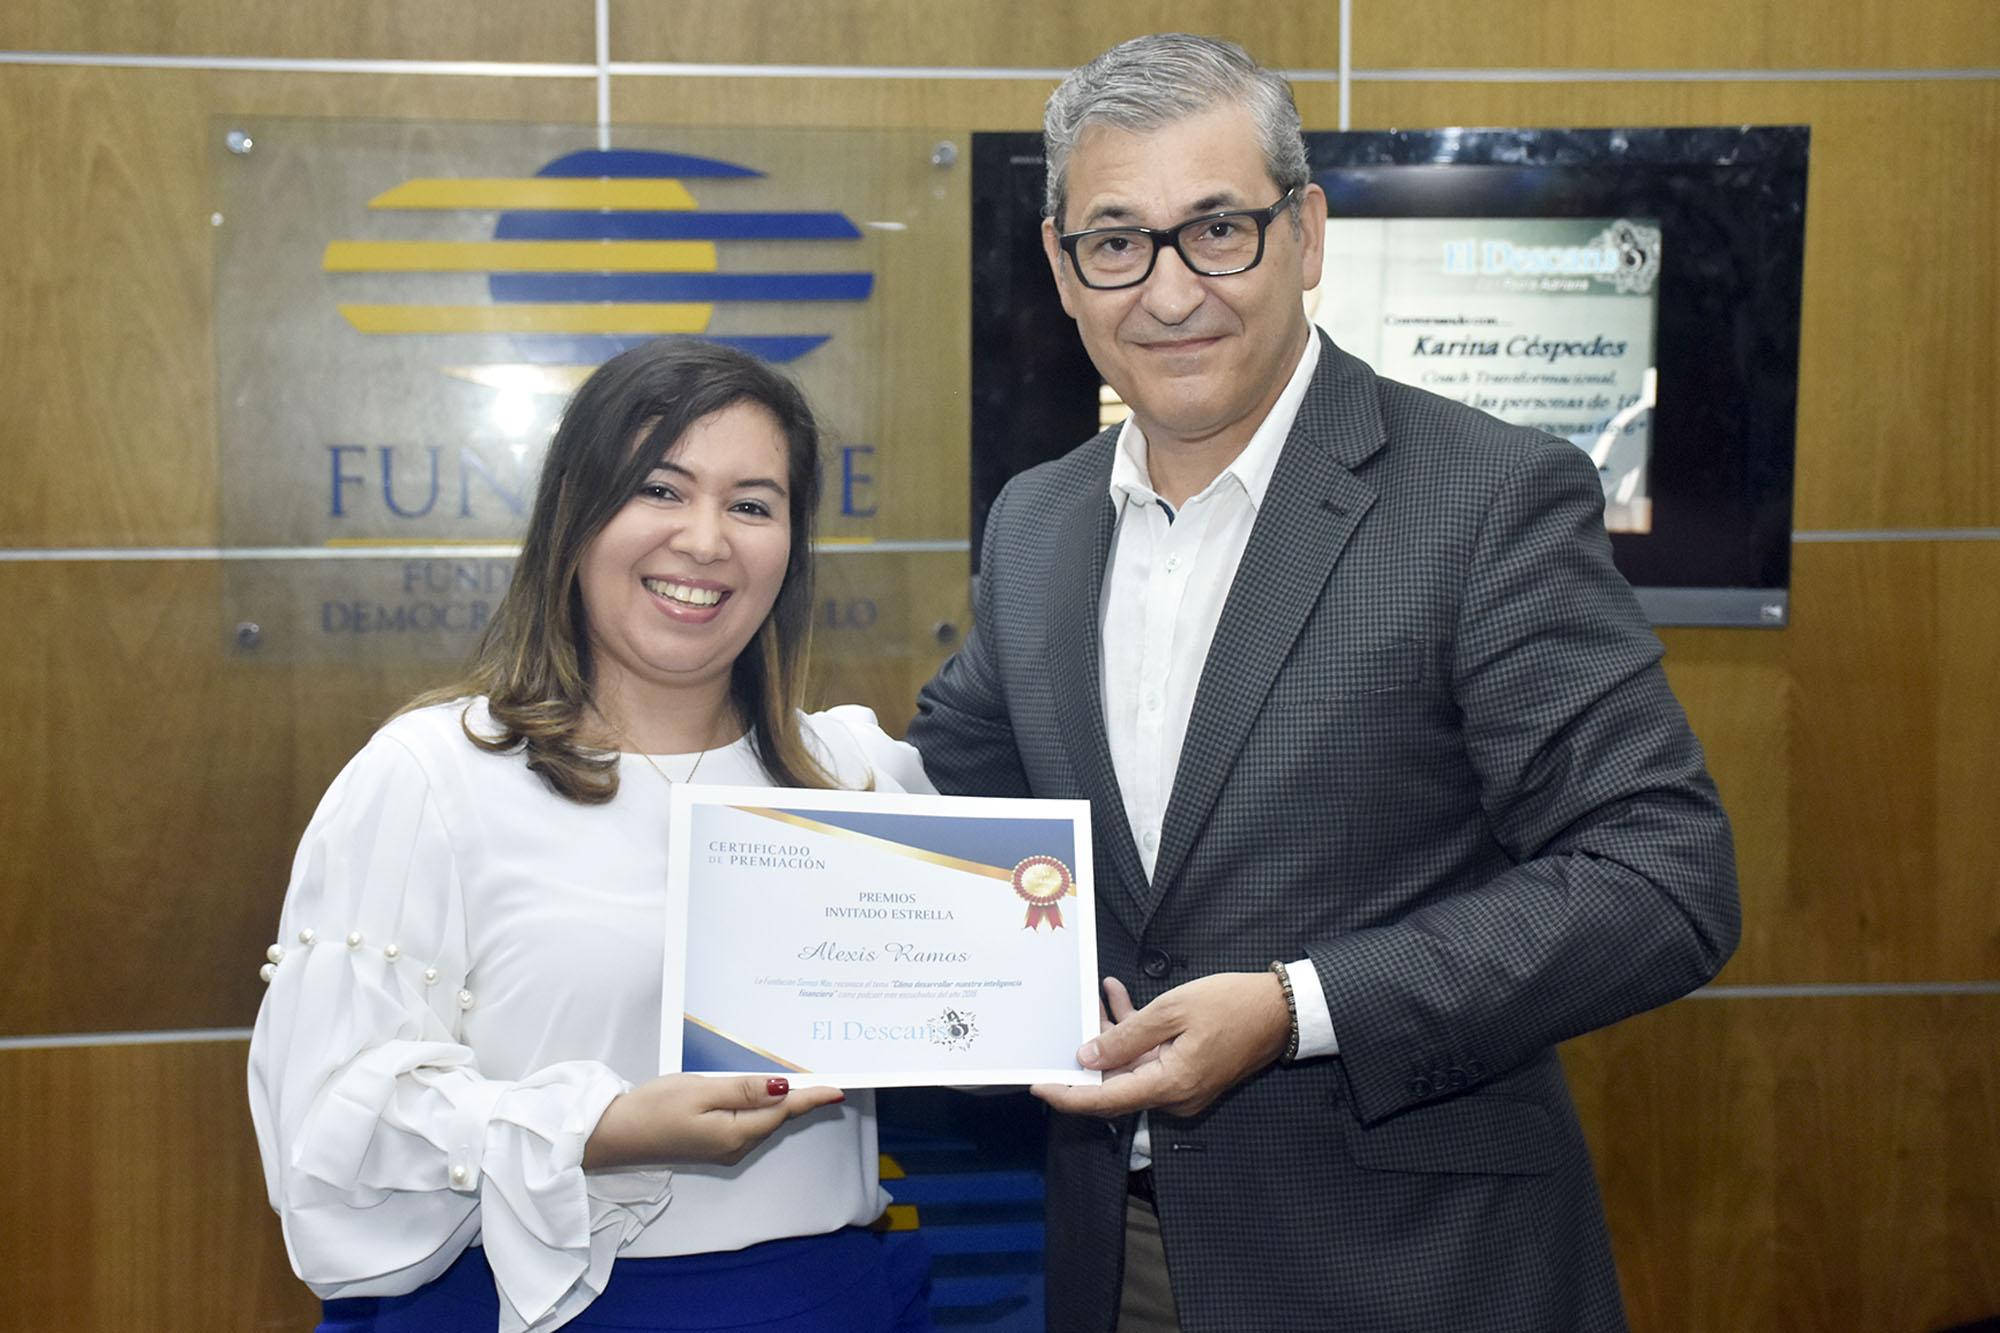 Invitado Estrella Aleix Ramos